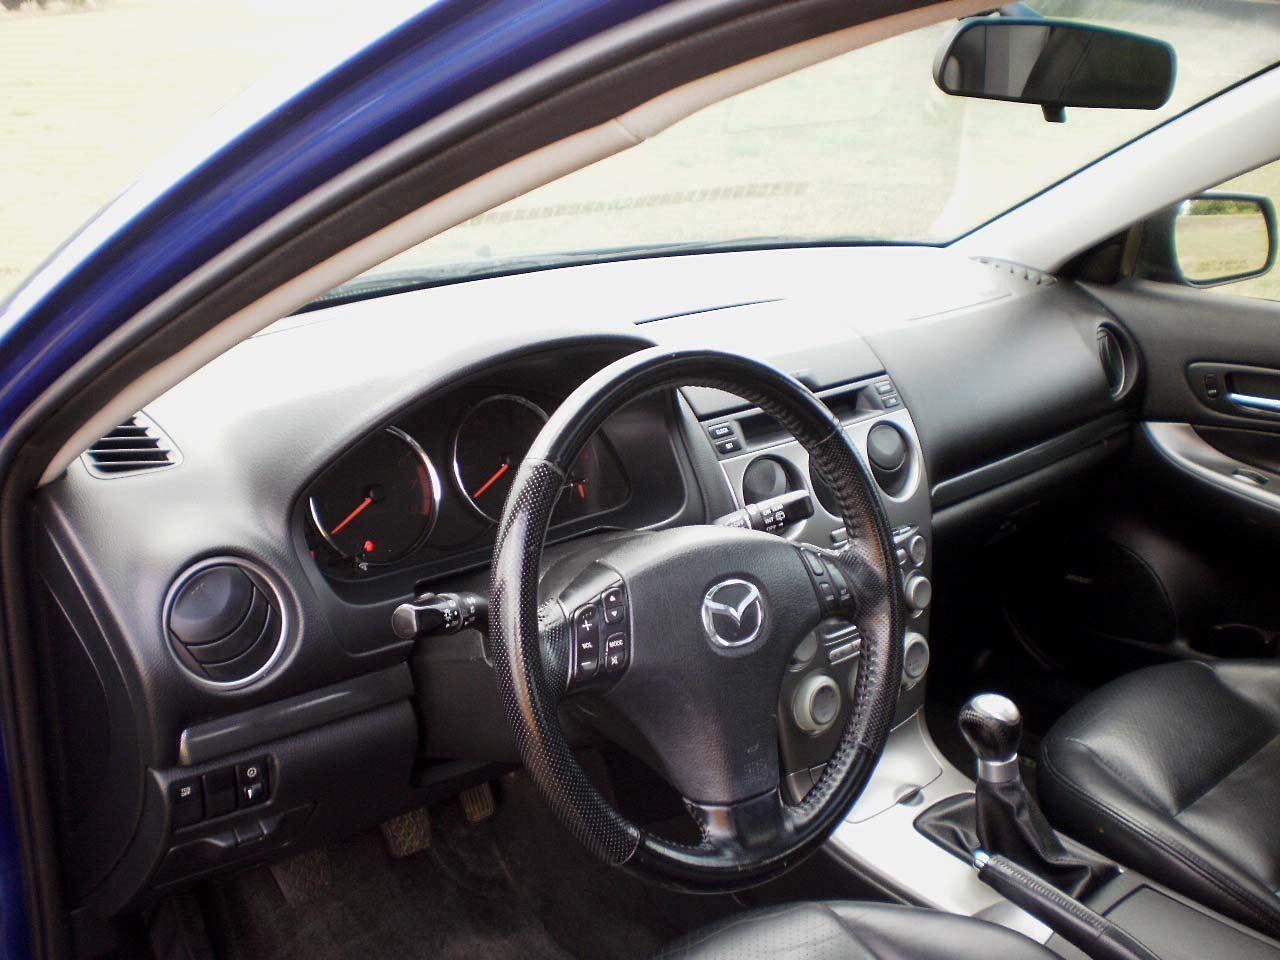 2004 mazda mazda6 4 dr s hatchback